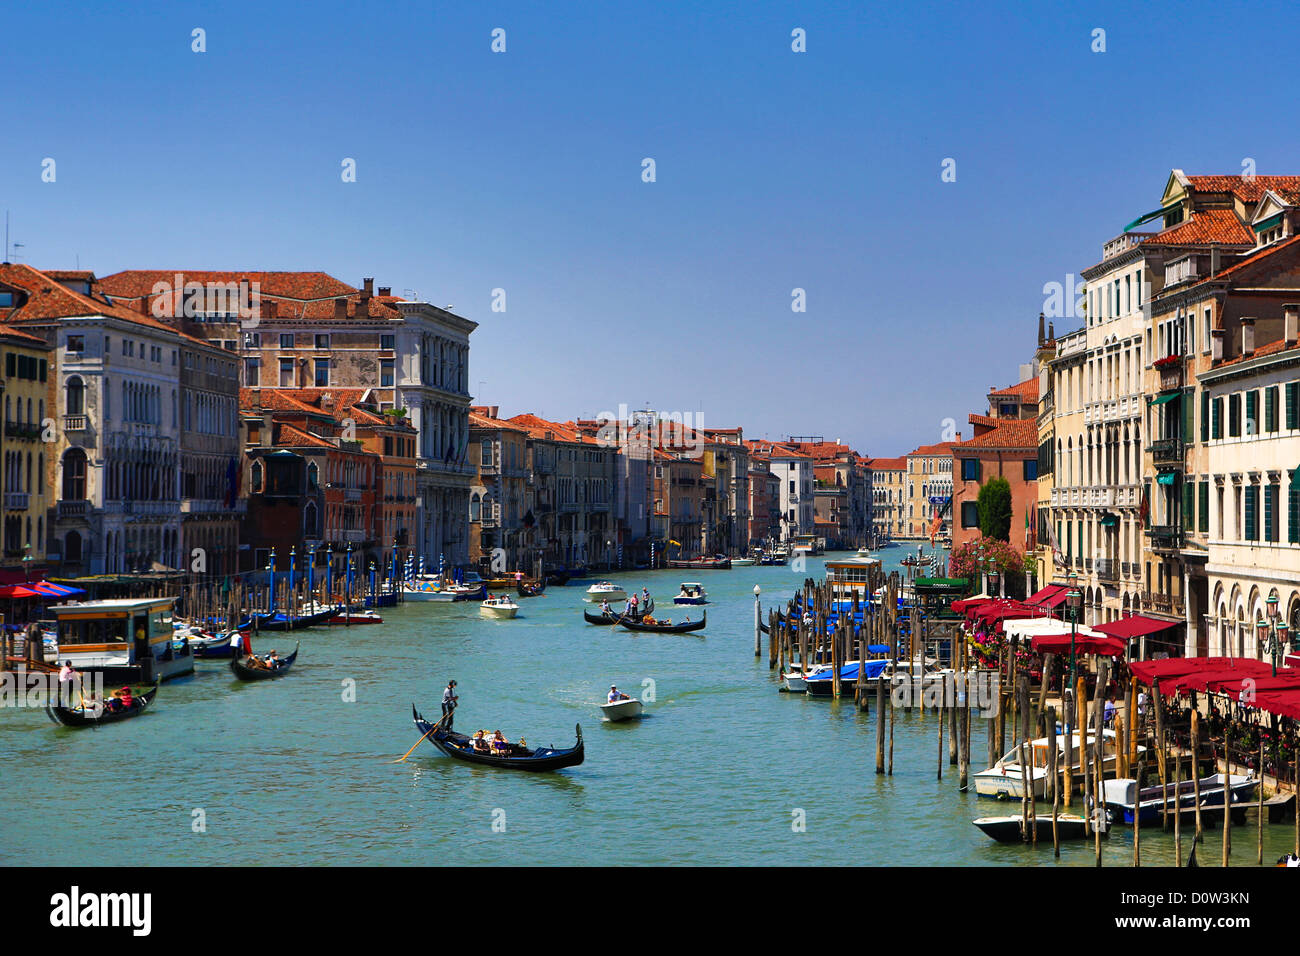 Italien, Europa, Reisen, Venedig, Canal Grande, Boote, Gondel, Tourismus, Unesco, Stockbild